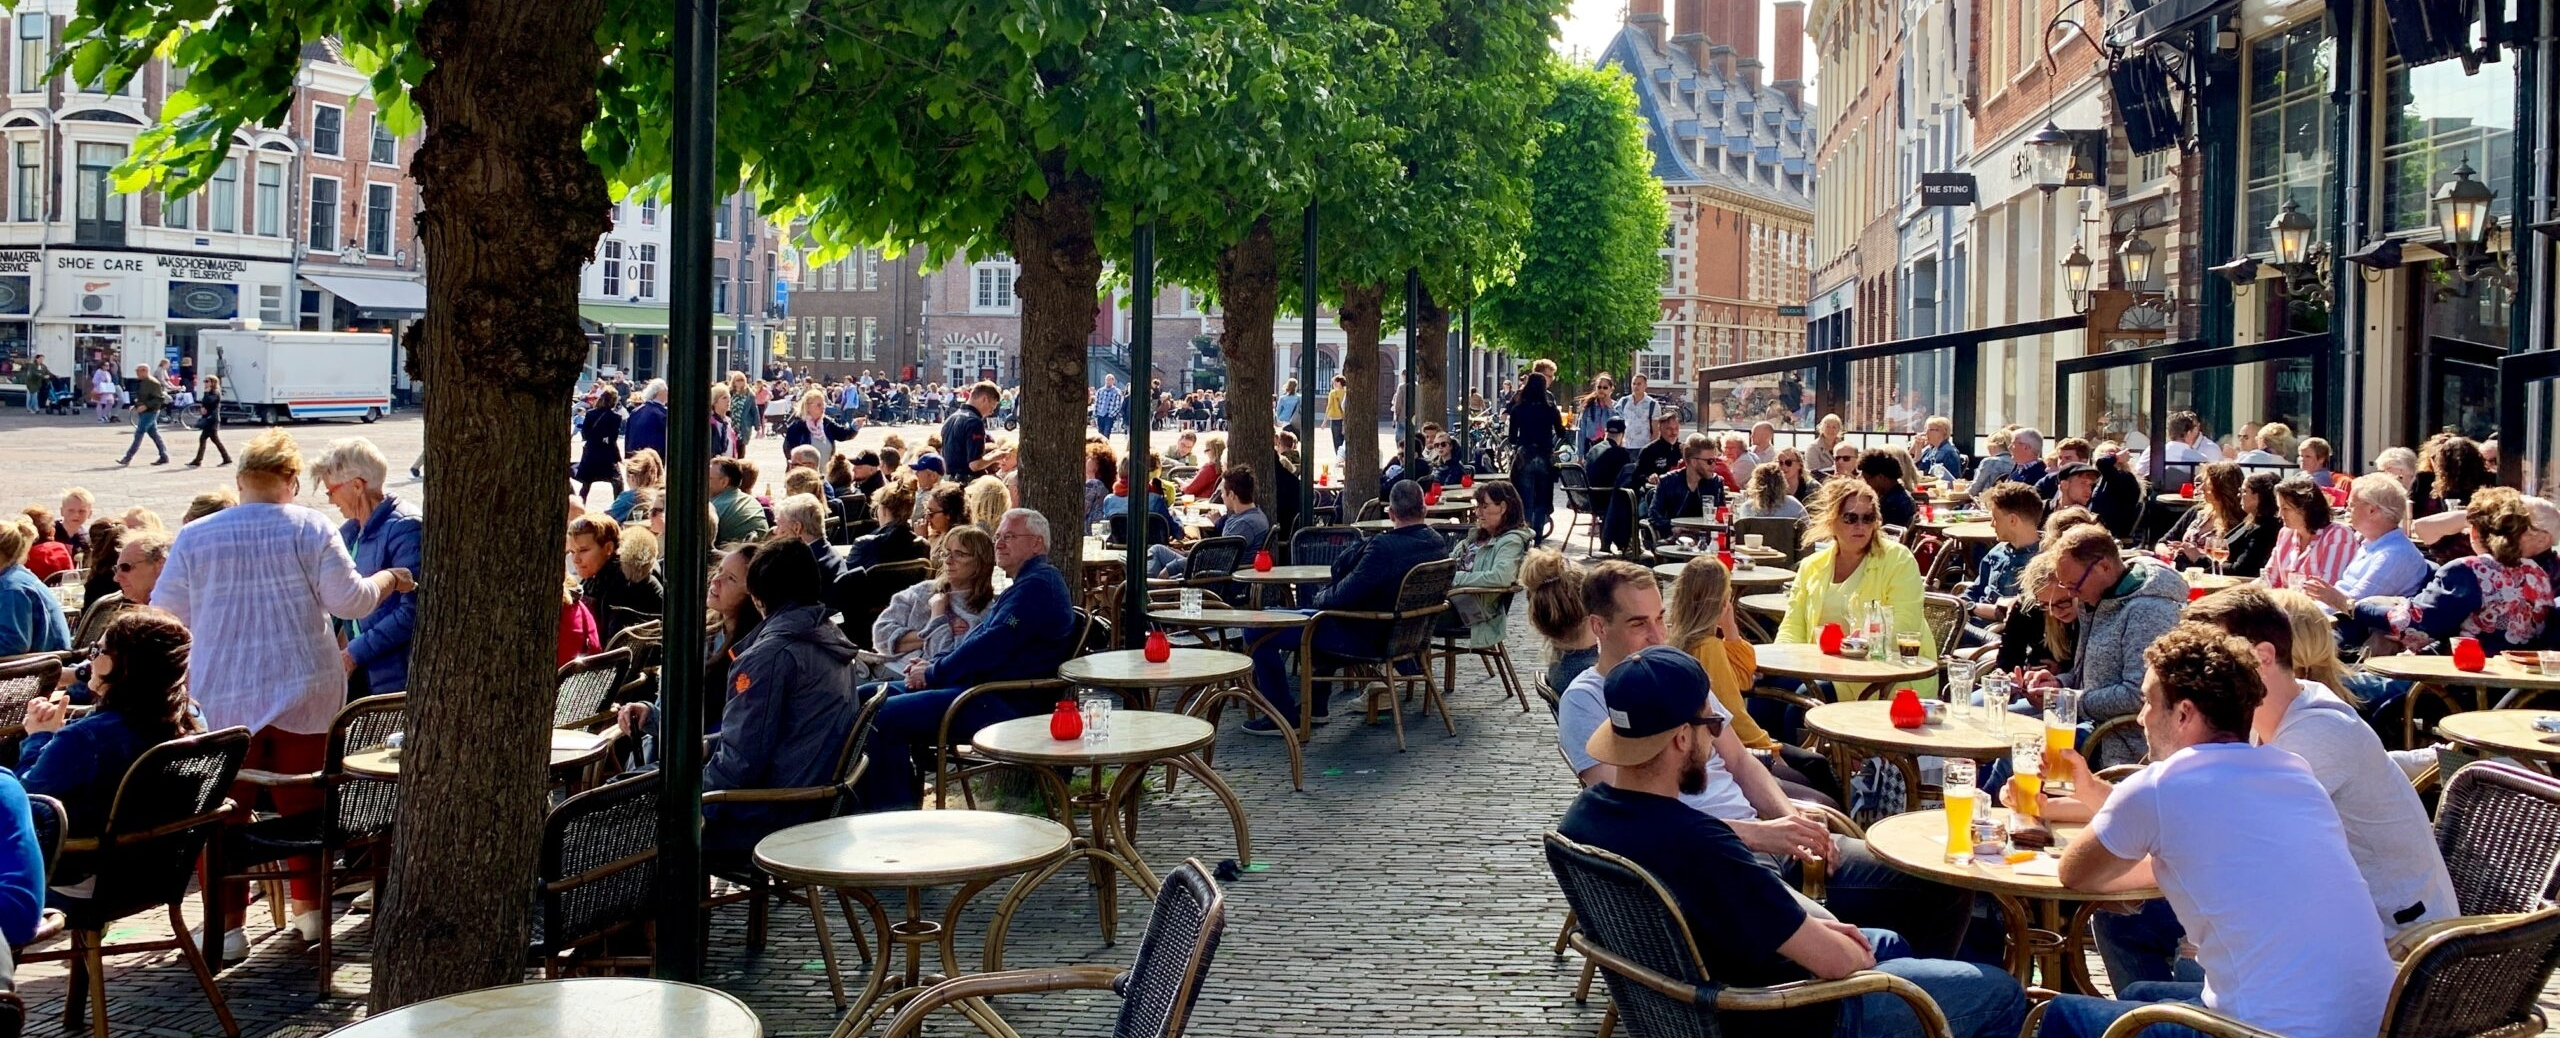 Wird Europas digitaler Binnenmarkt nur ein Franchise sein? 1